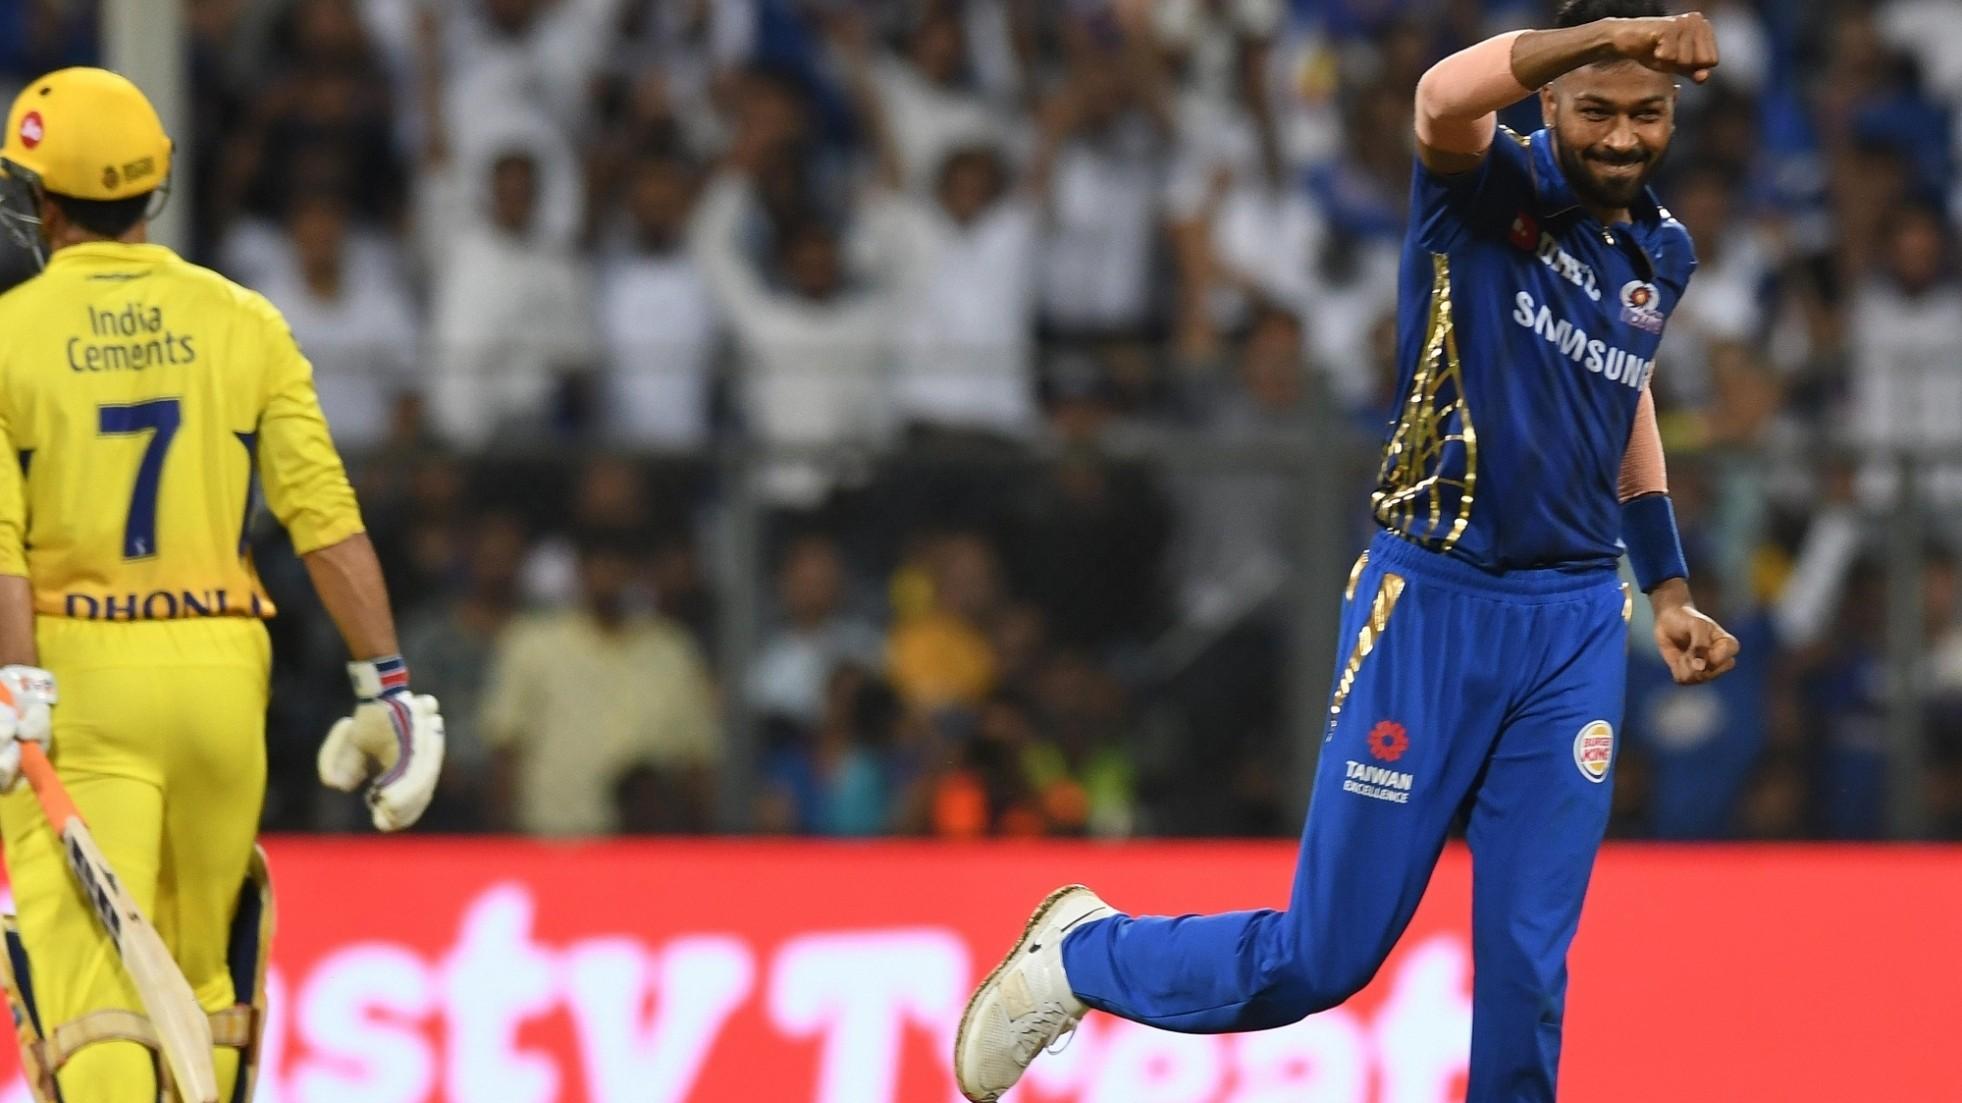 IPL 2019 :  कृष्णमचारी श्रीकांत ने हार्दिक पांड्या के मैच-विनिंग प्रयासों की जमकर की प्रशंसा